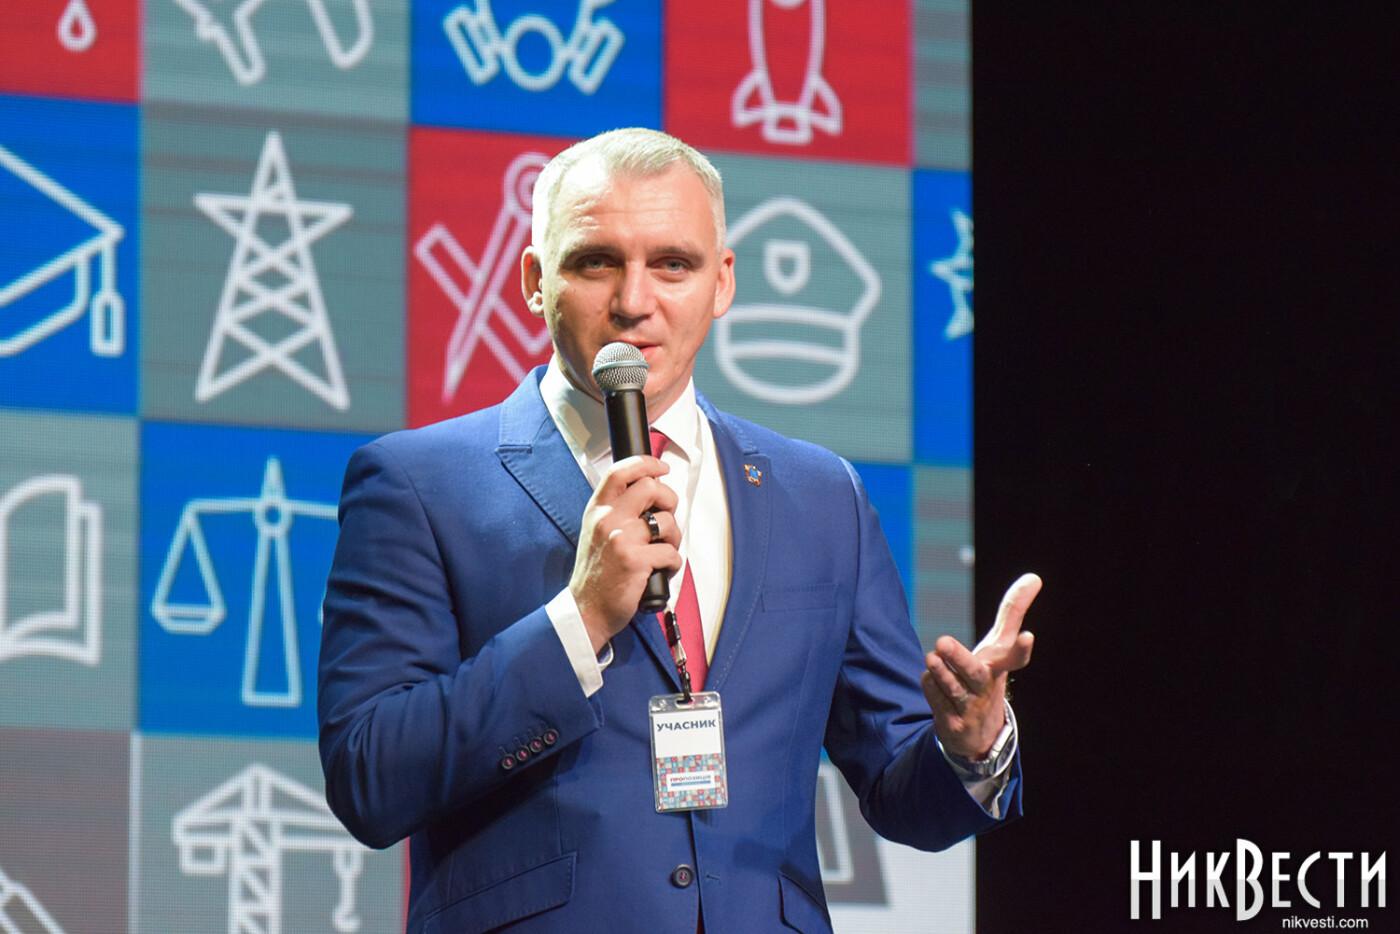 Выборы-2020: какие партии в Николаеве уже обнародовали своих кандидатов, фото-1